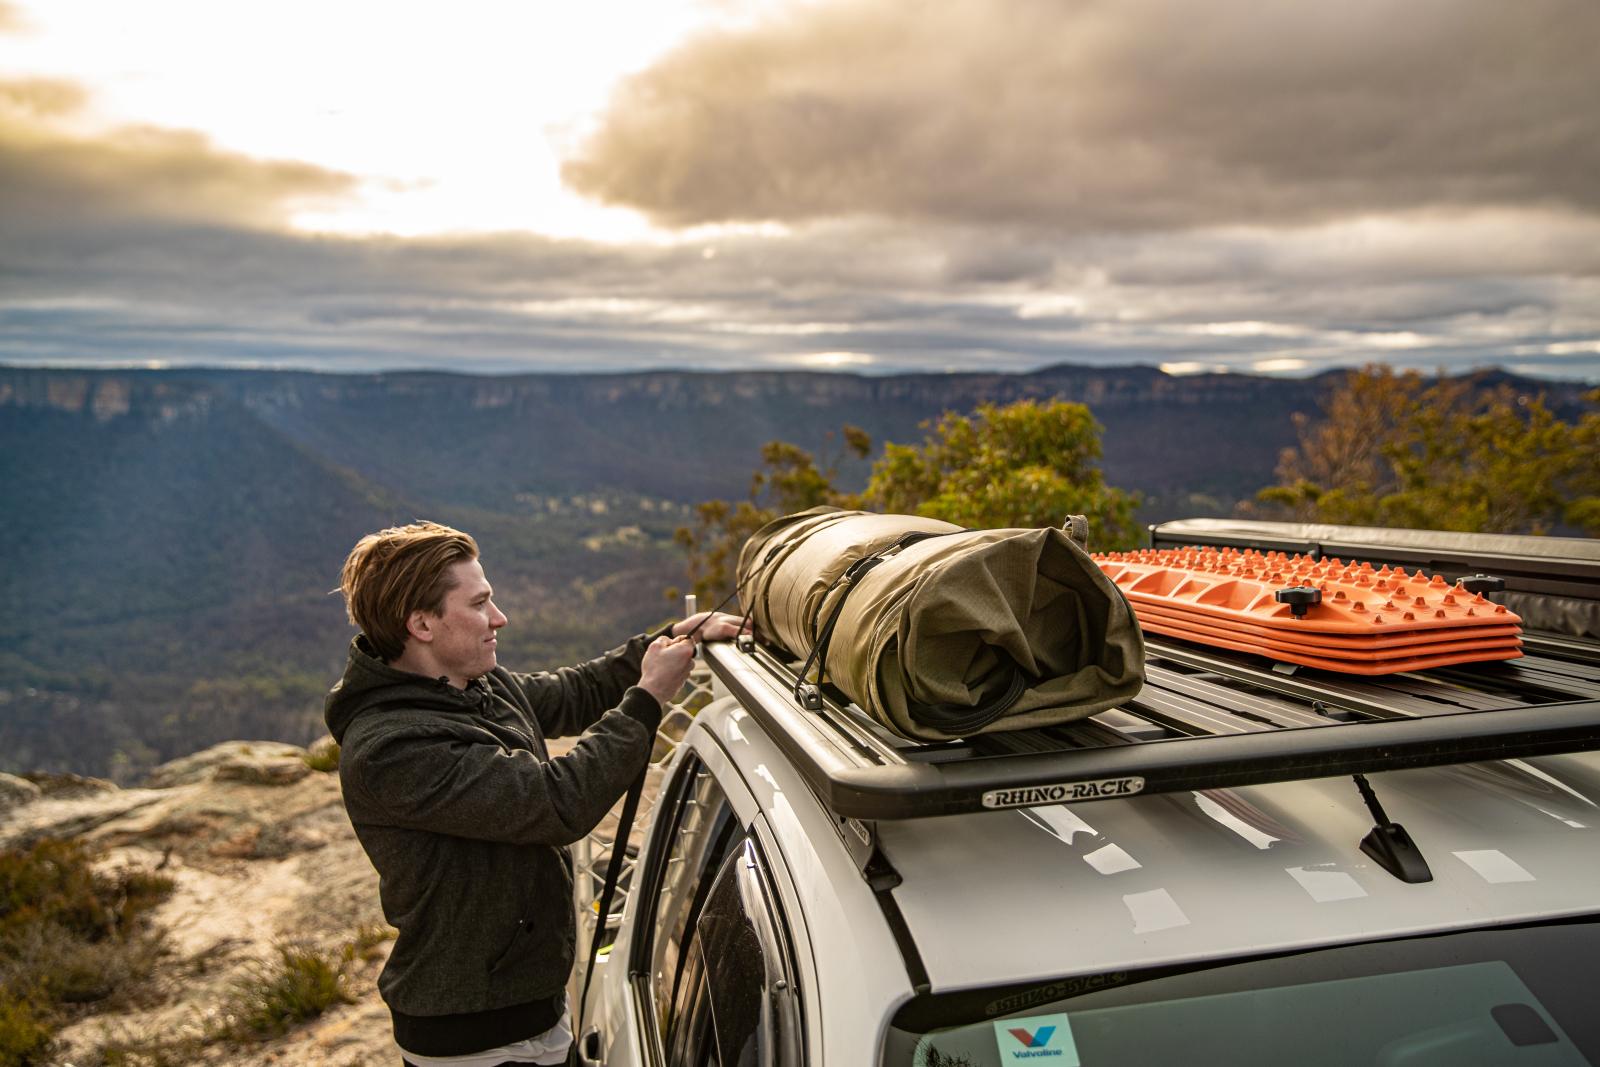 Auf zu neuen Abenteuern, mit der zuverlässigen Pioneer Plattfrom NG von Rhino-Rack.